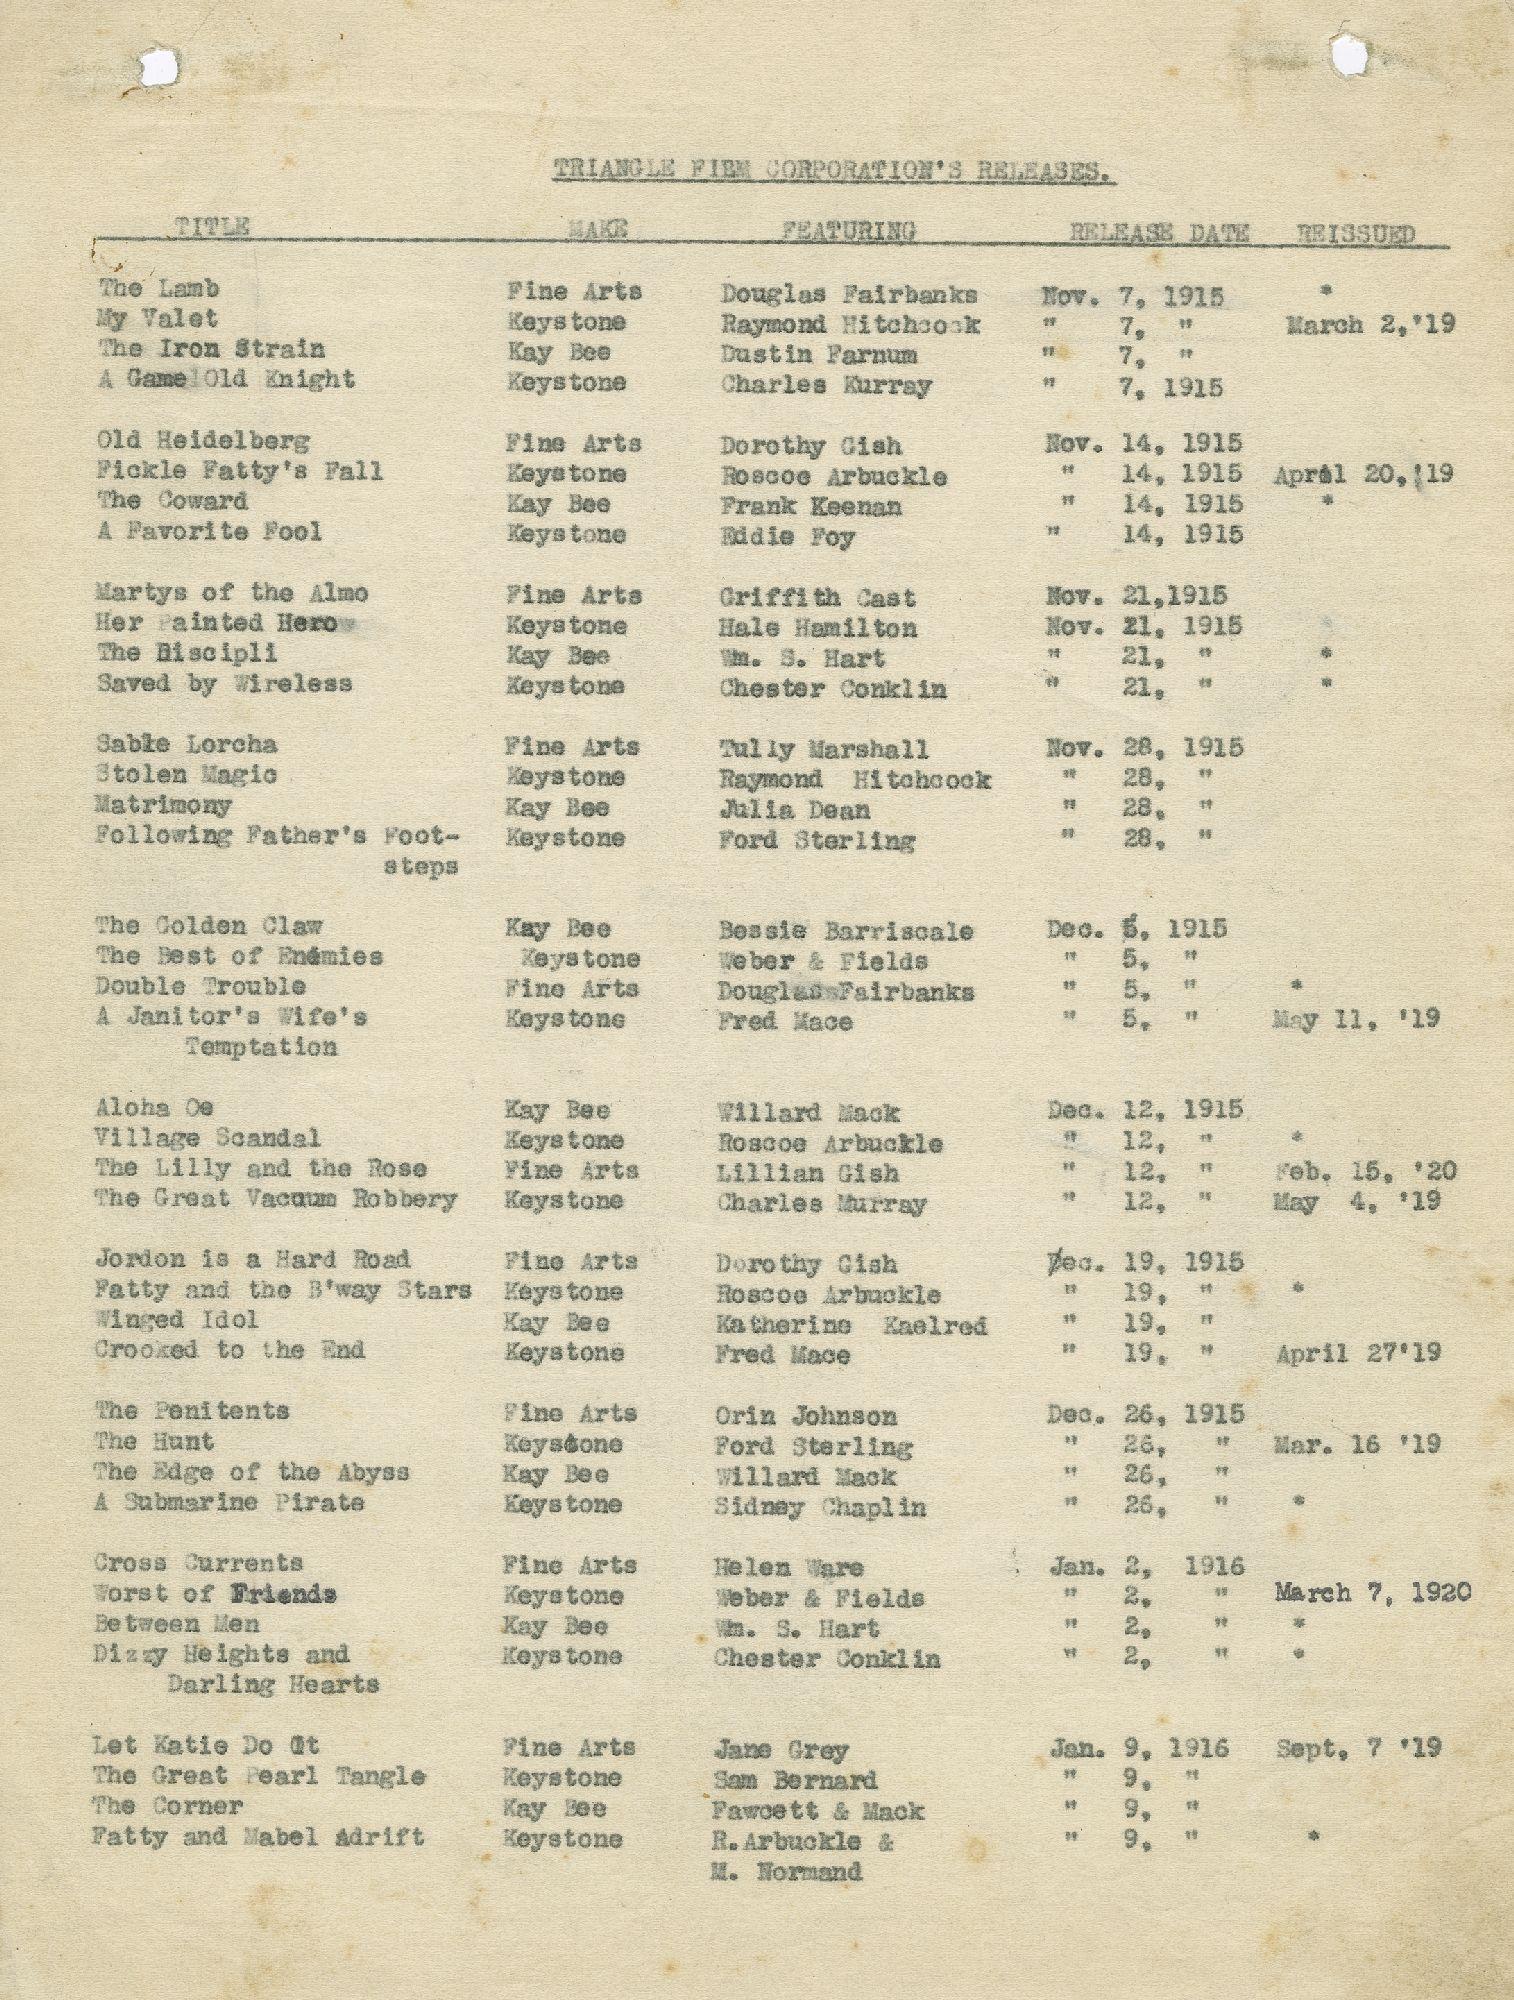 Première page de la liste des films distribués par la Triangle. Coll. Cinémathèque française. D.R.